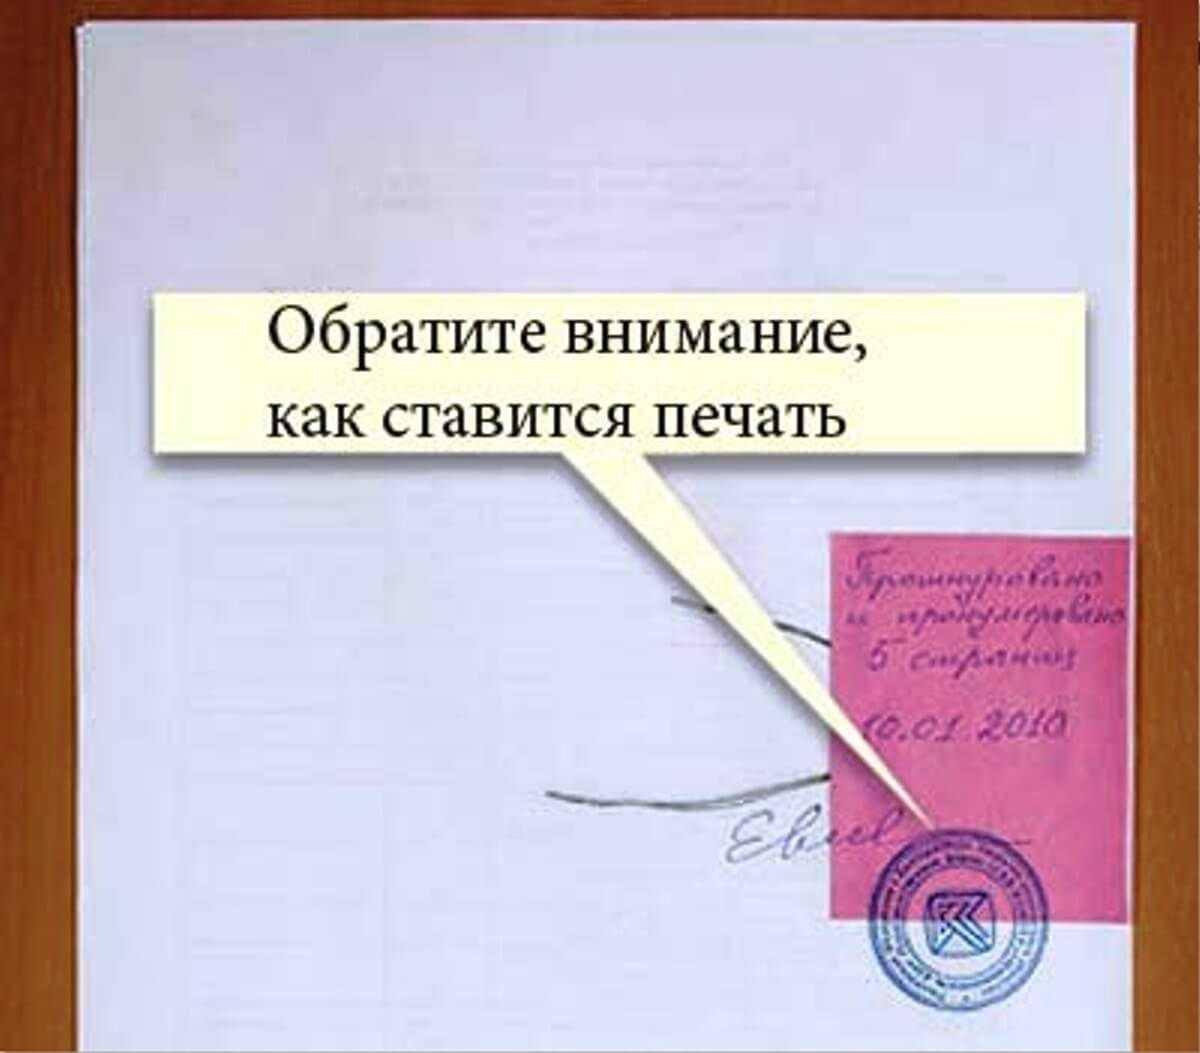 Как сшивать документы для налоговой по требованию: заверка бумаг 54